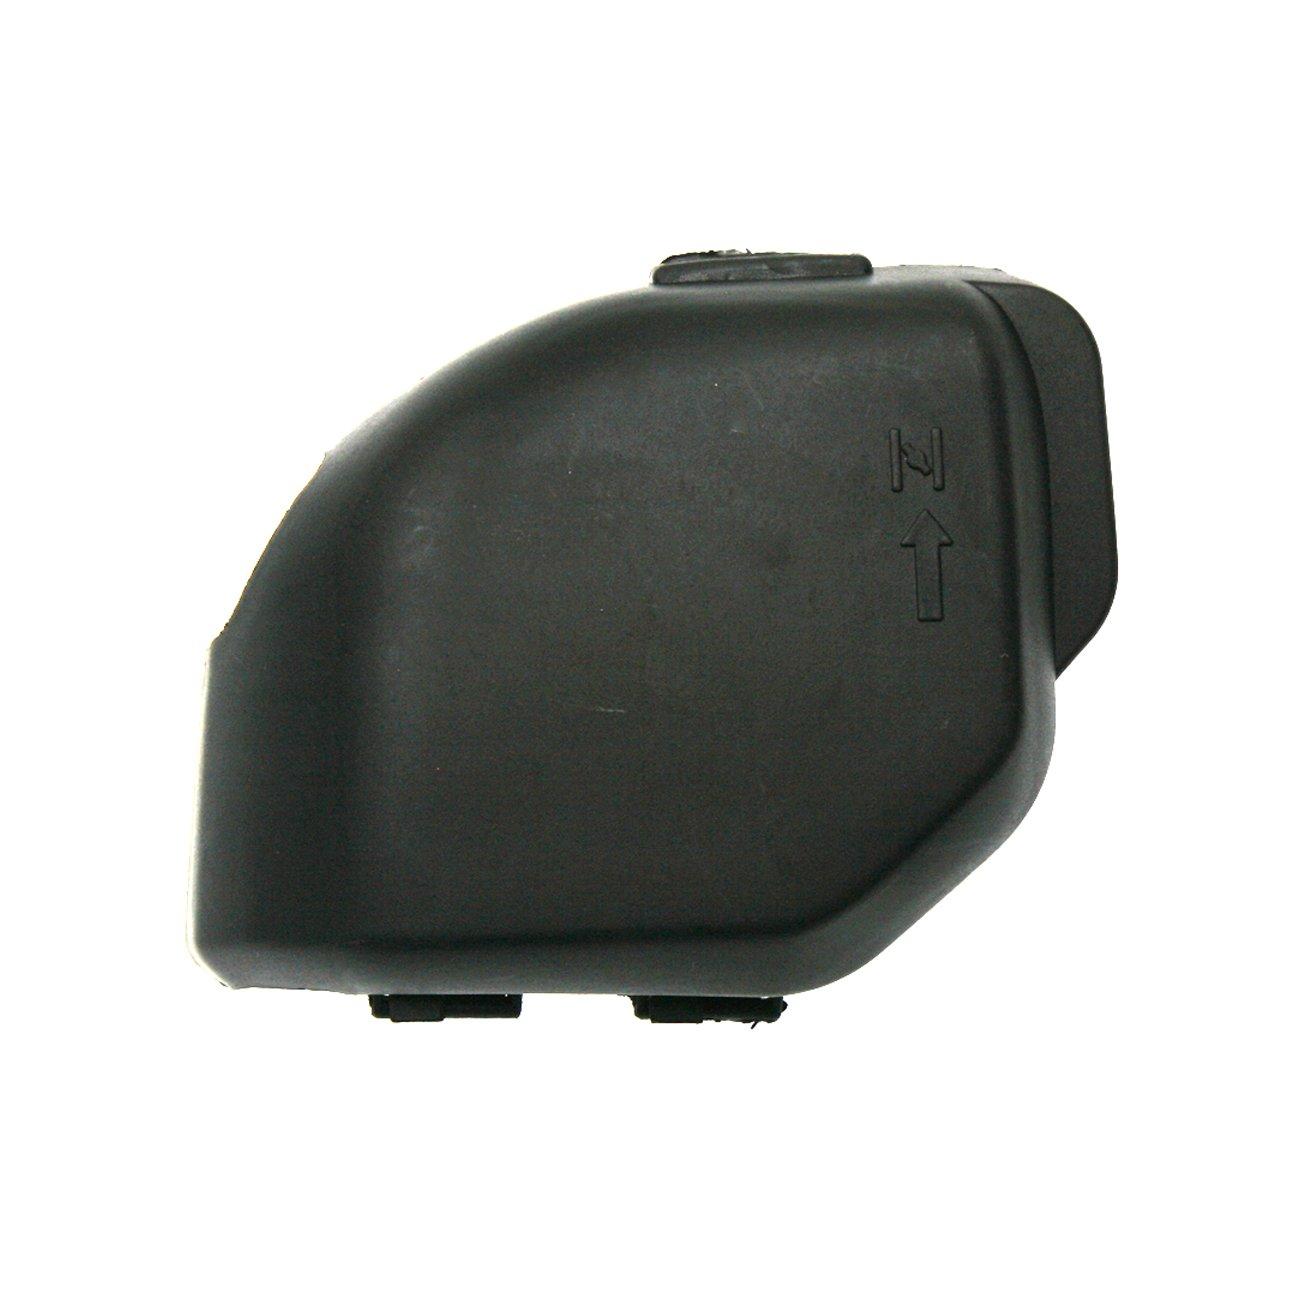 jrl nueva cubierta del filtro de aire para Honda GX25 GX25 N ...